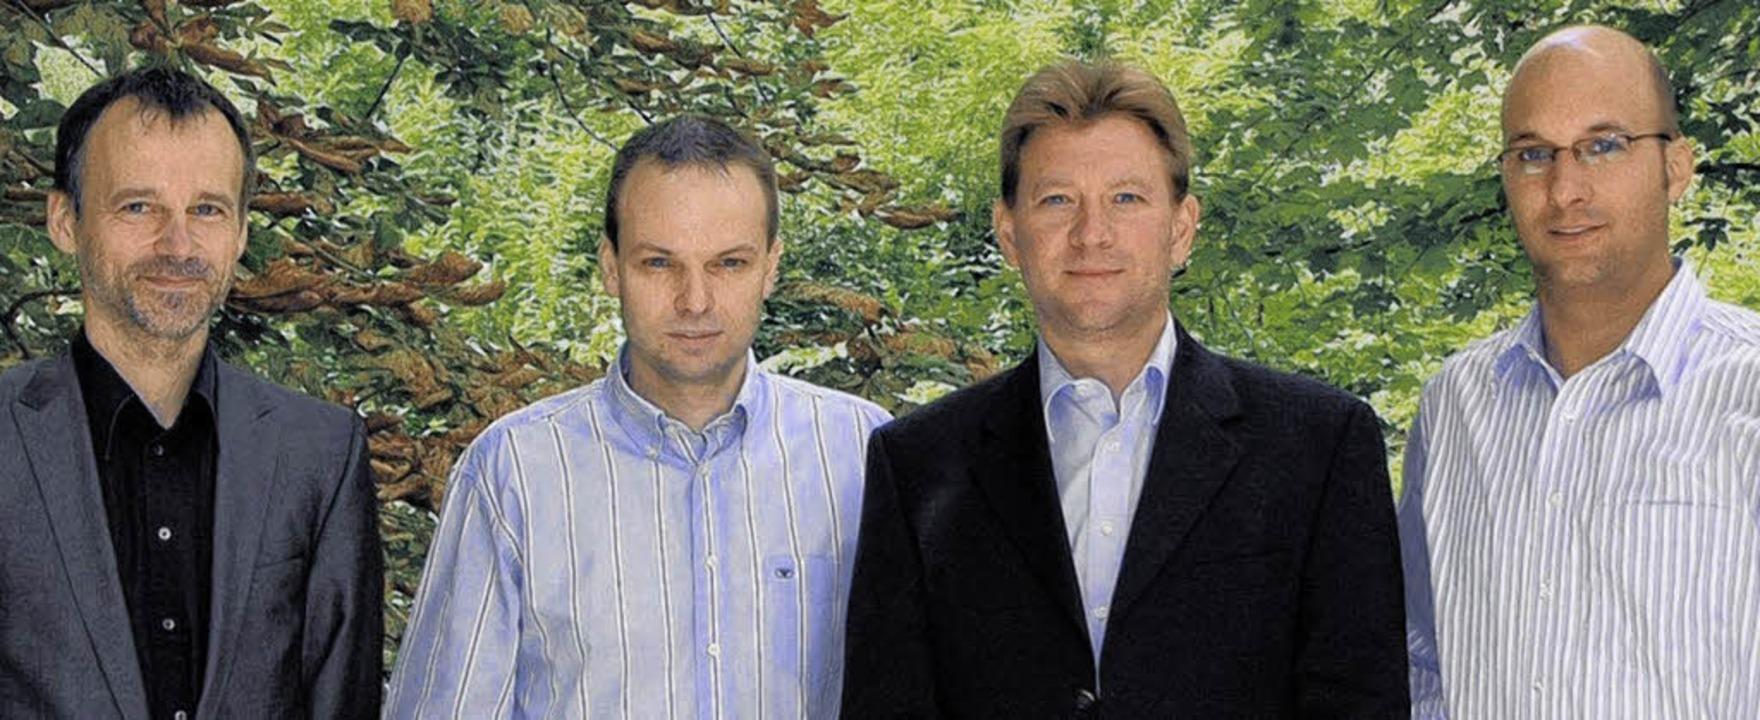 Handlungsbedarf für Waldshut-Tiengens ...Seipp vom Werbe- und Förderungskreis.   | Foto: HUber